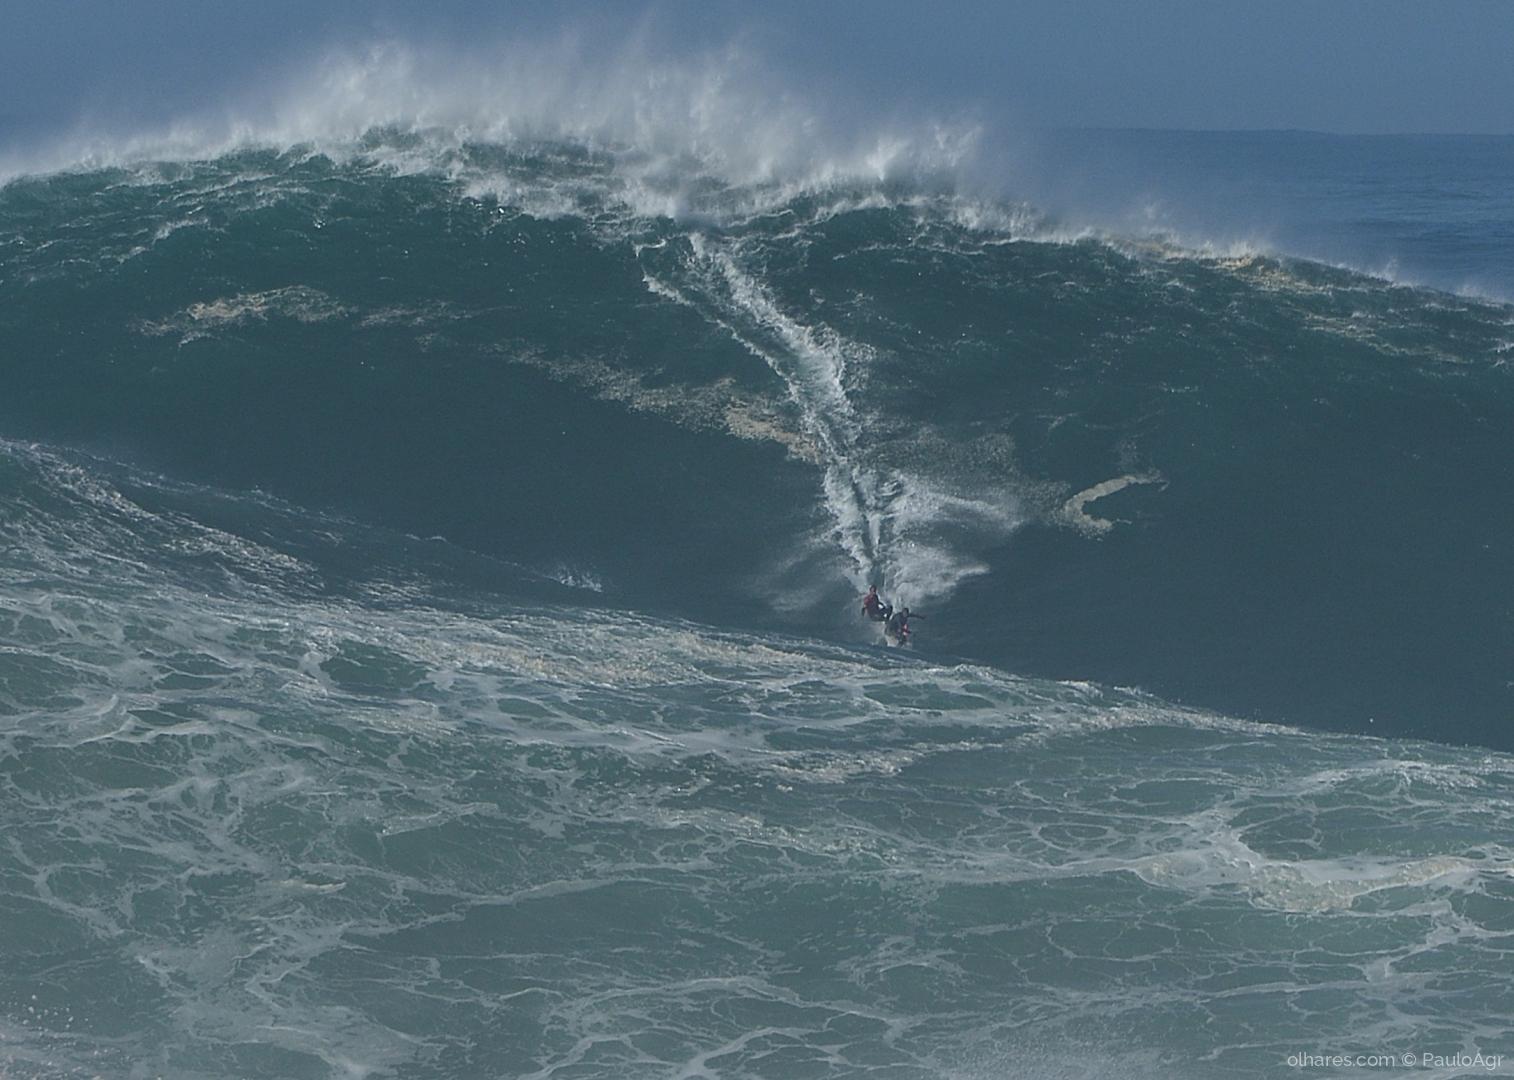 Desporto e Ação/Big waves Nazaré 2020